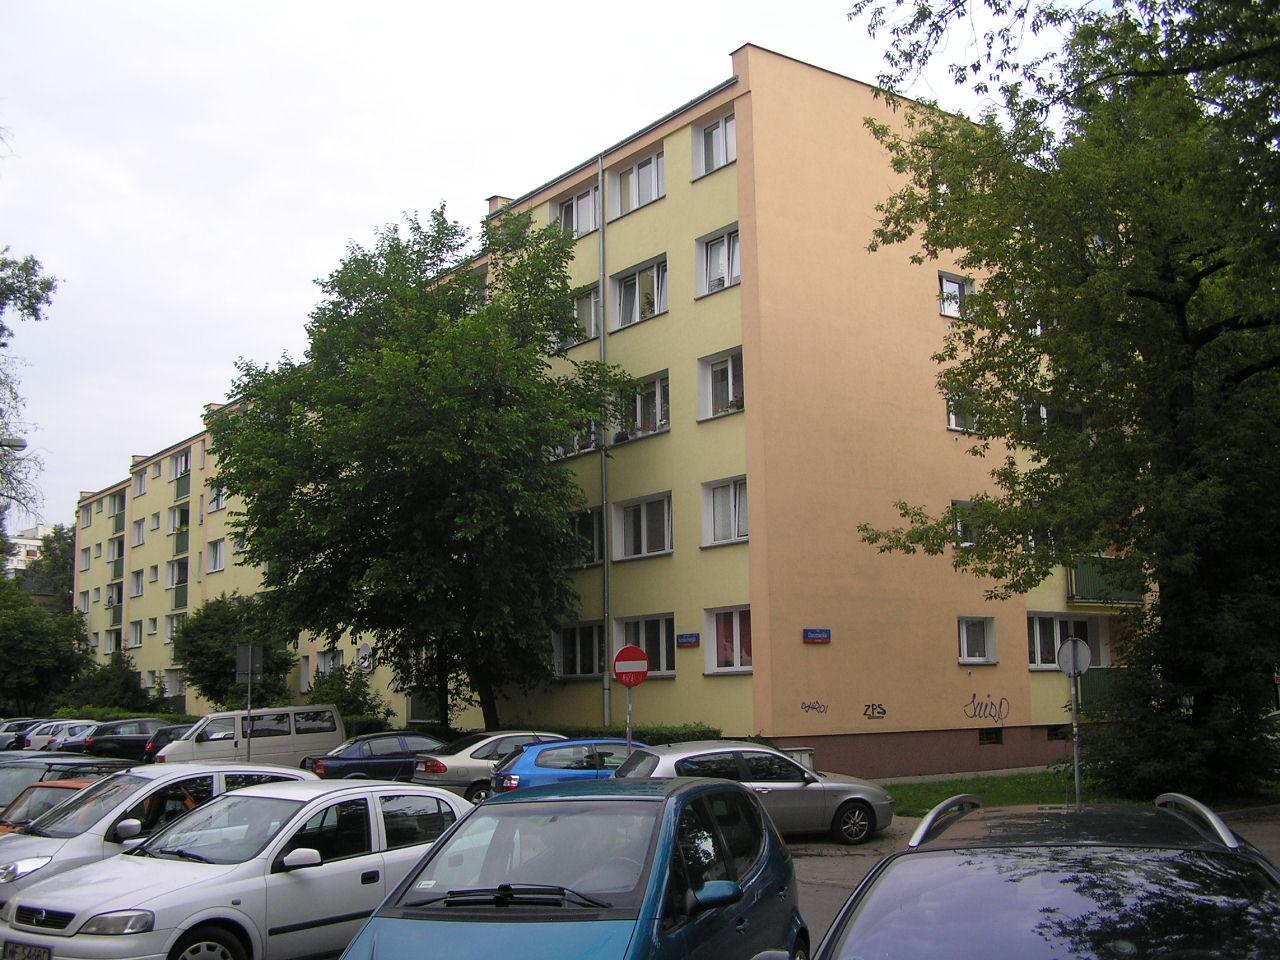 Kordeckiego 62